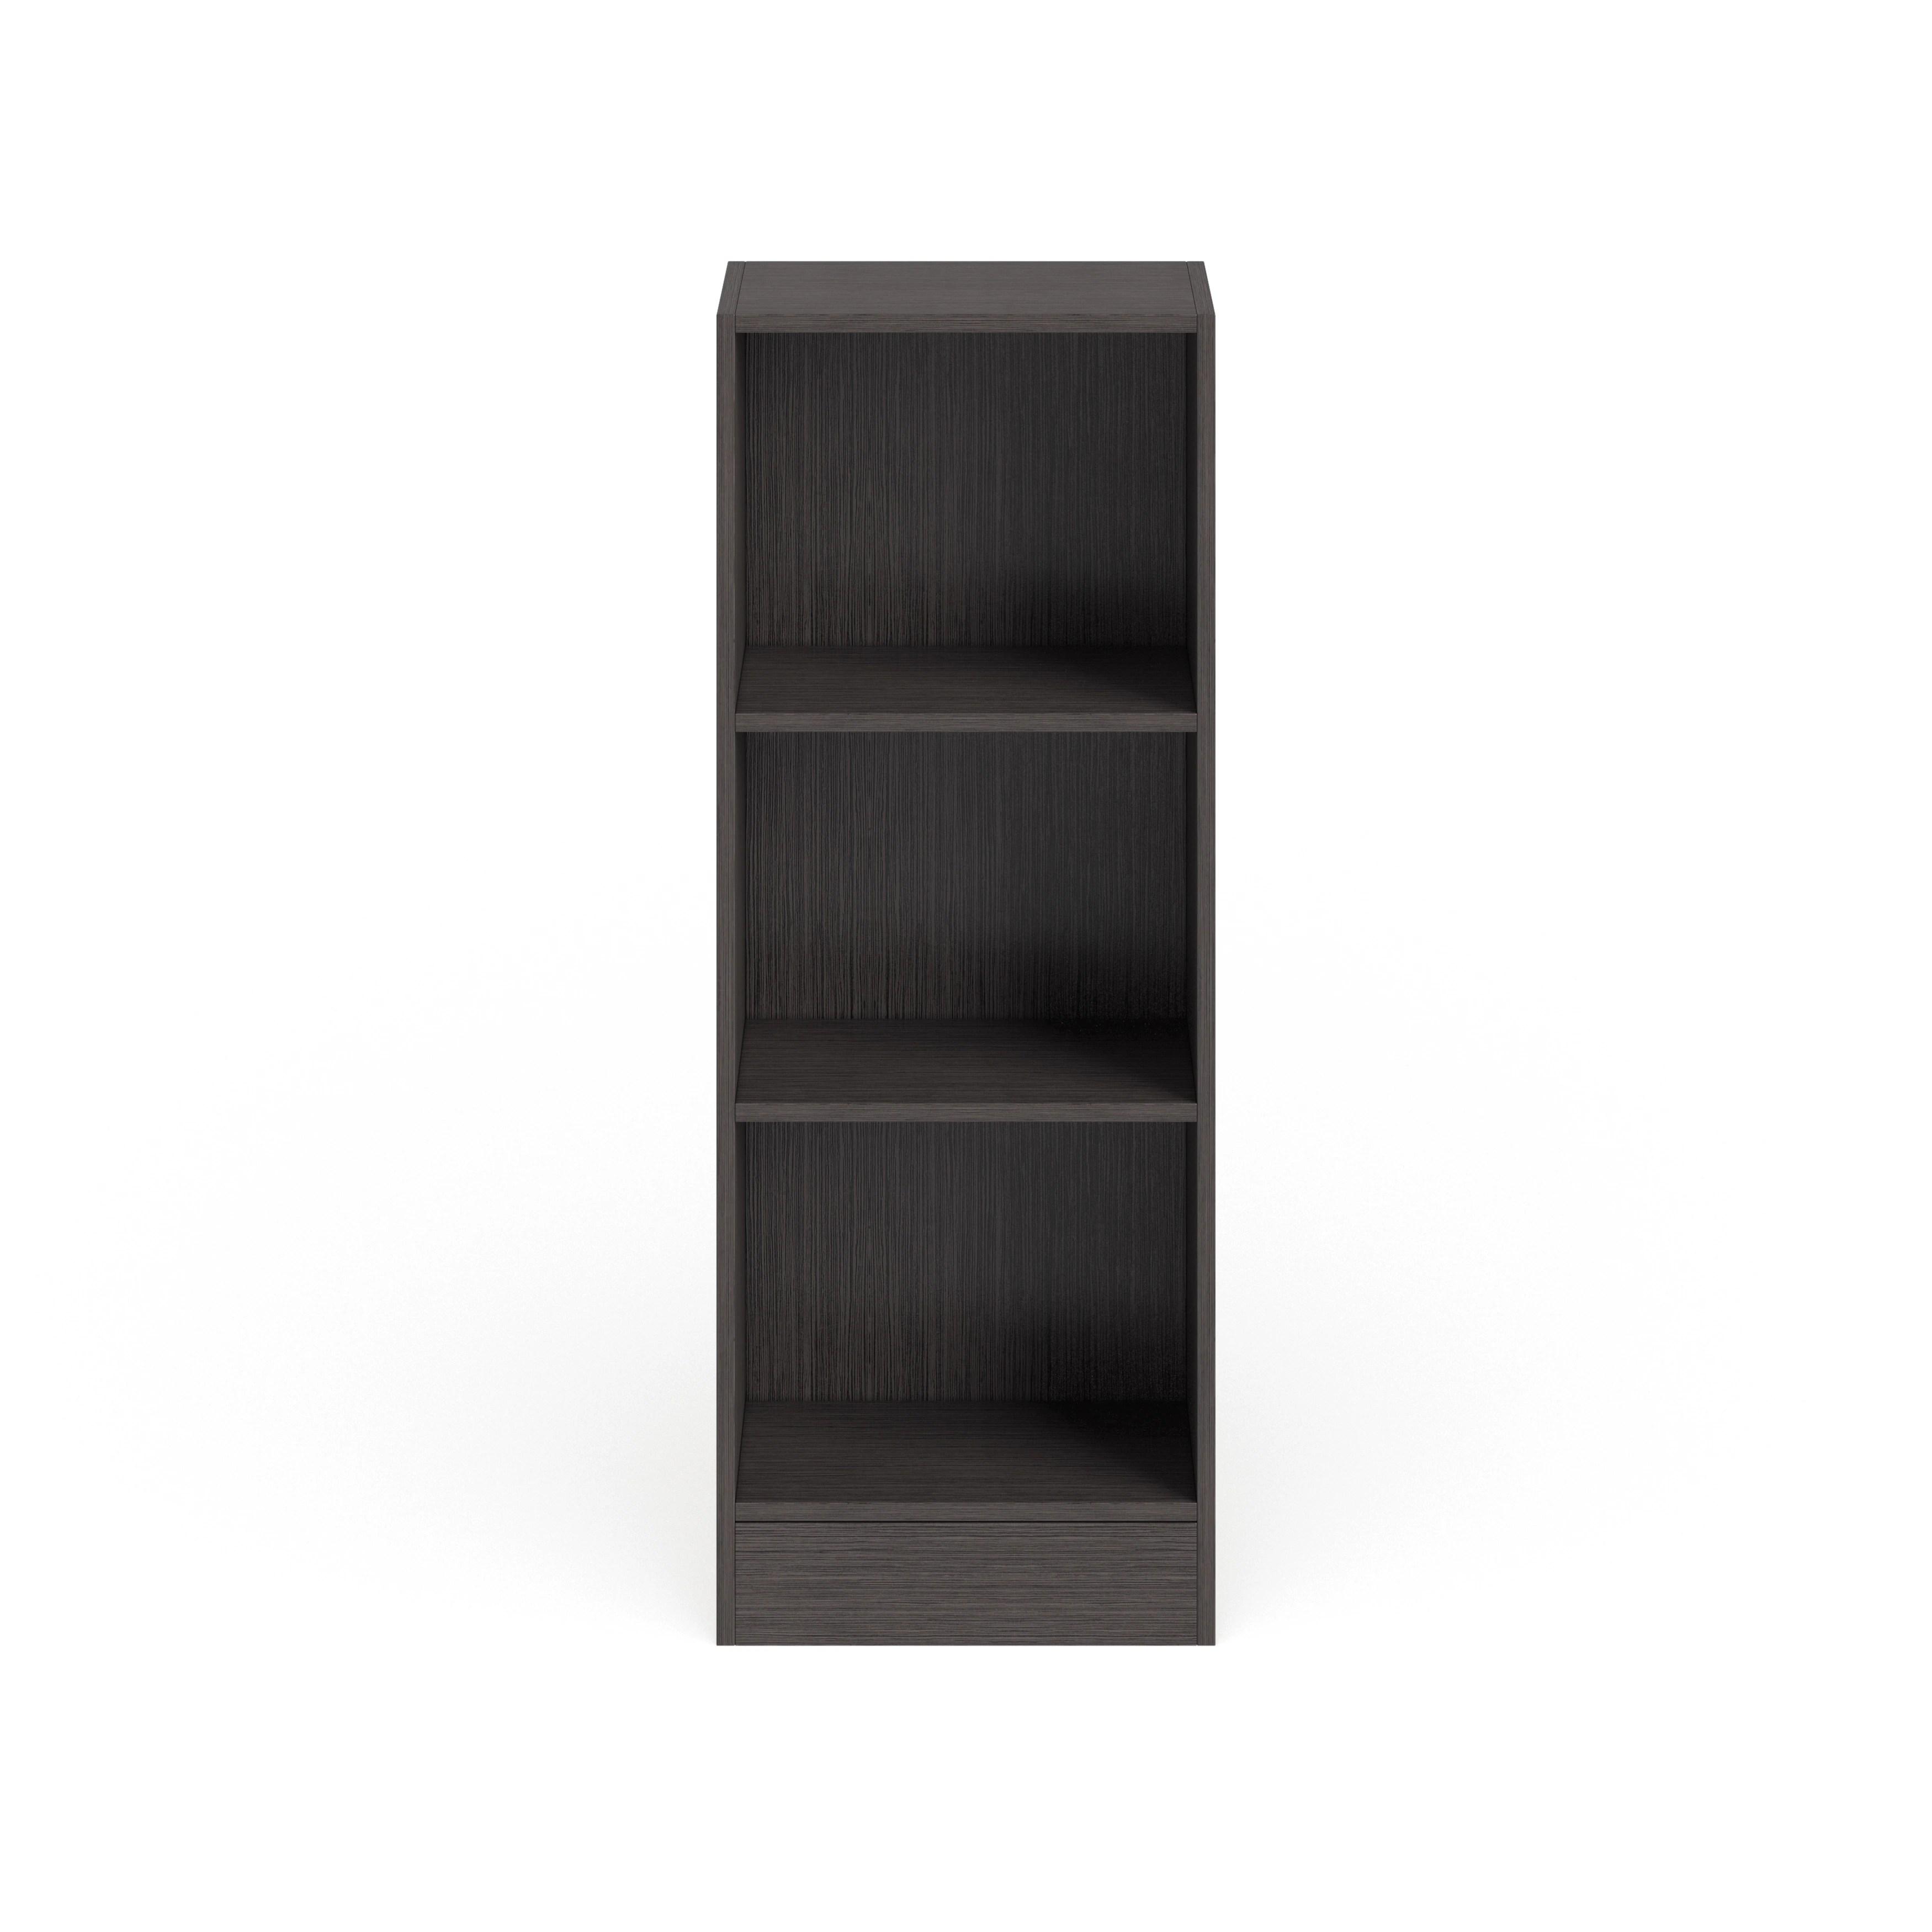 Porch Den Alethea Short Narrow 3 Shelf Bookcase